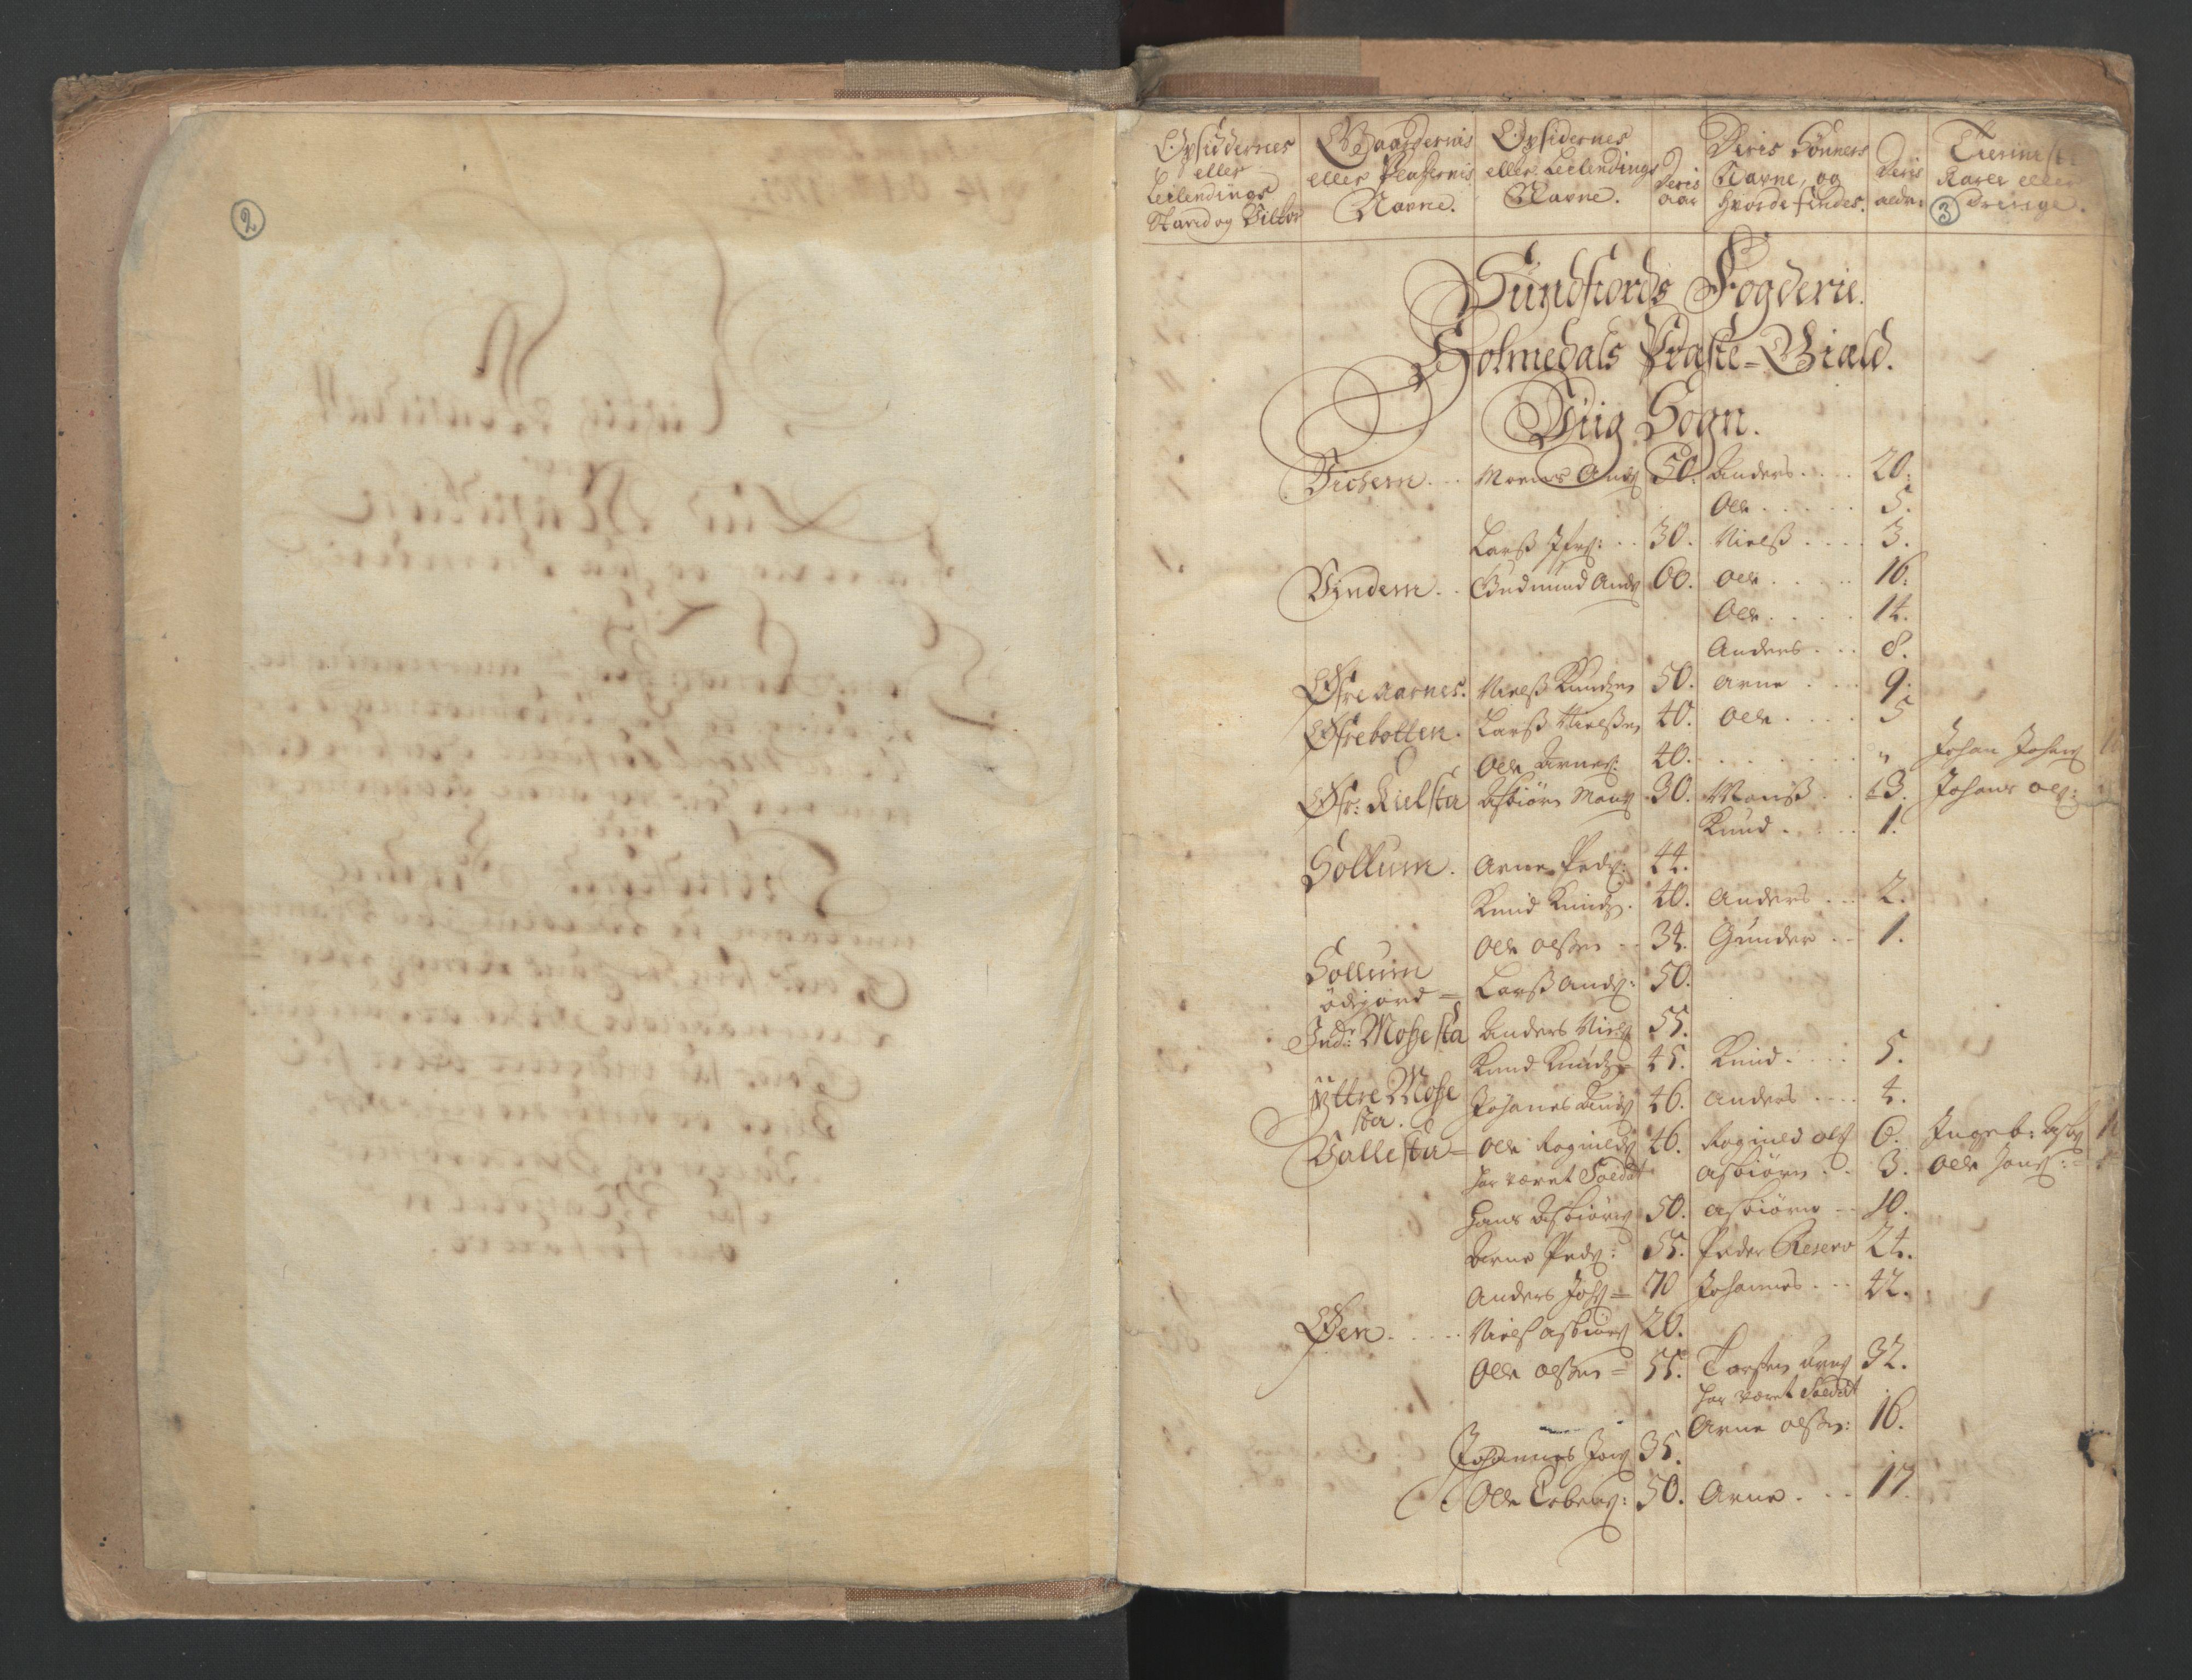 RA, Manntallet 1701, nr. 9: Sunnfjord fogderi, Nordfjord fogderi og Svanø birk, 1701, s. 2-3